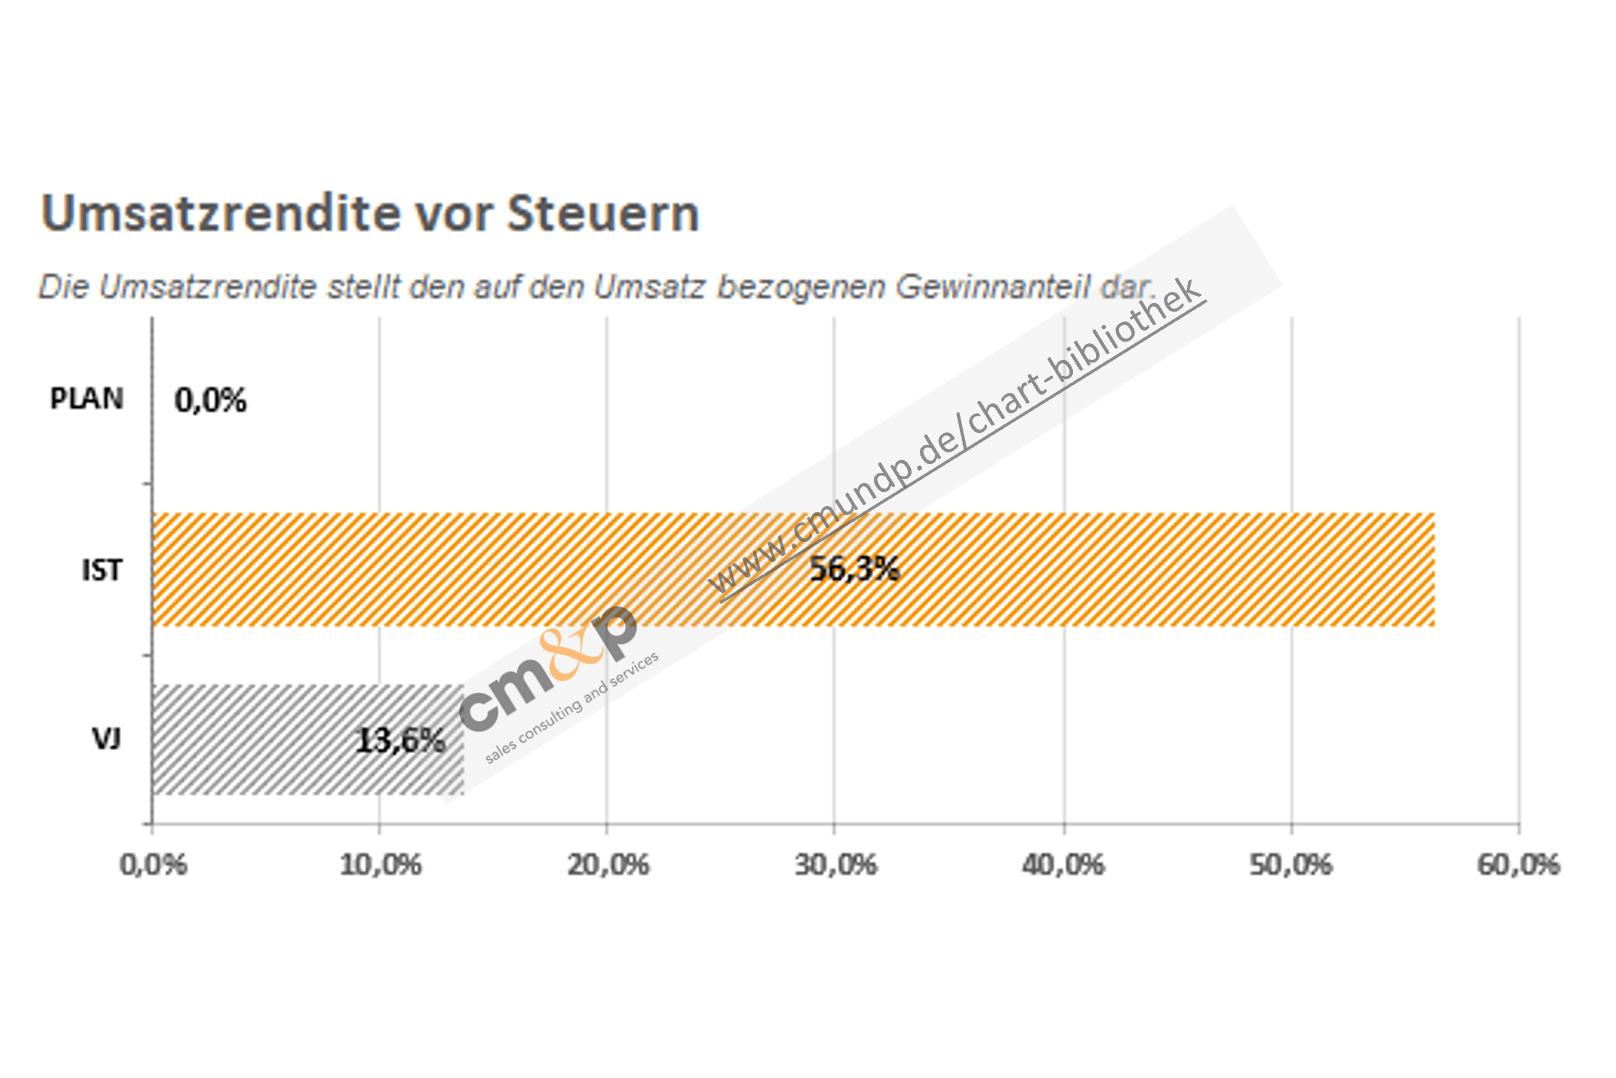 Darstellung der Vorjahres-, Ist- und Planwerte als Balken mit %-Angabe